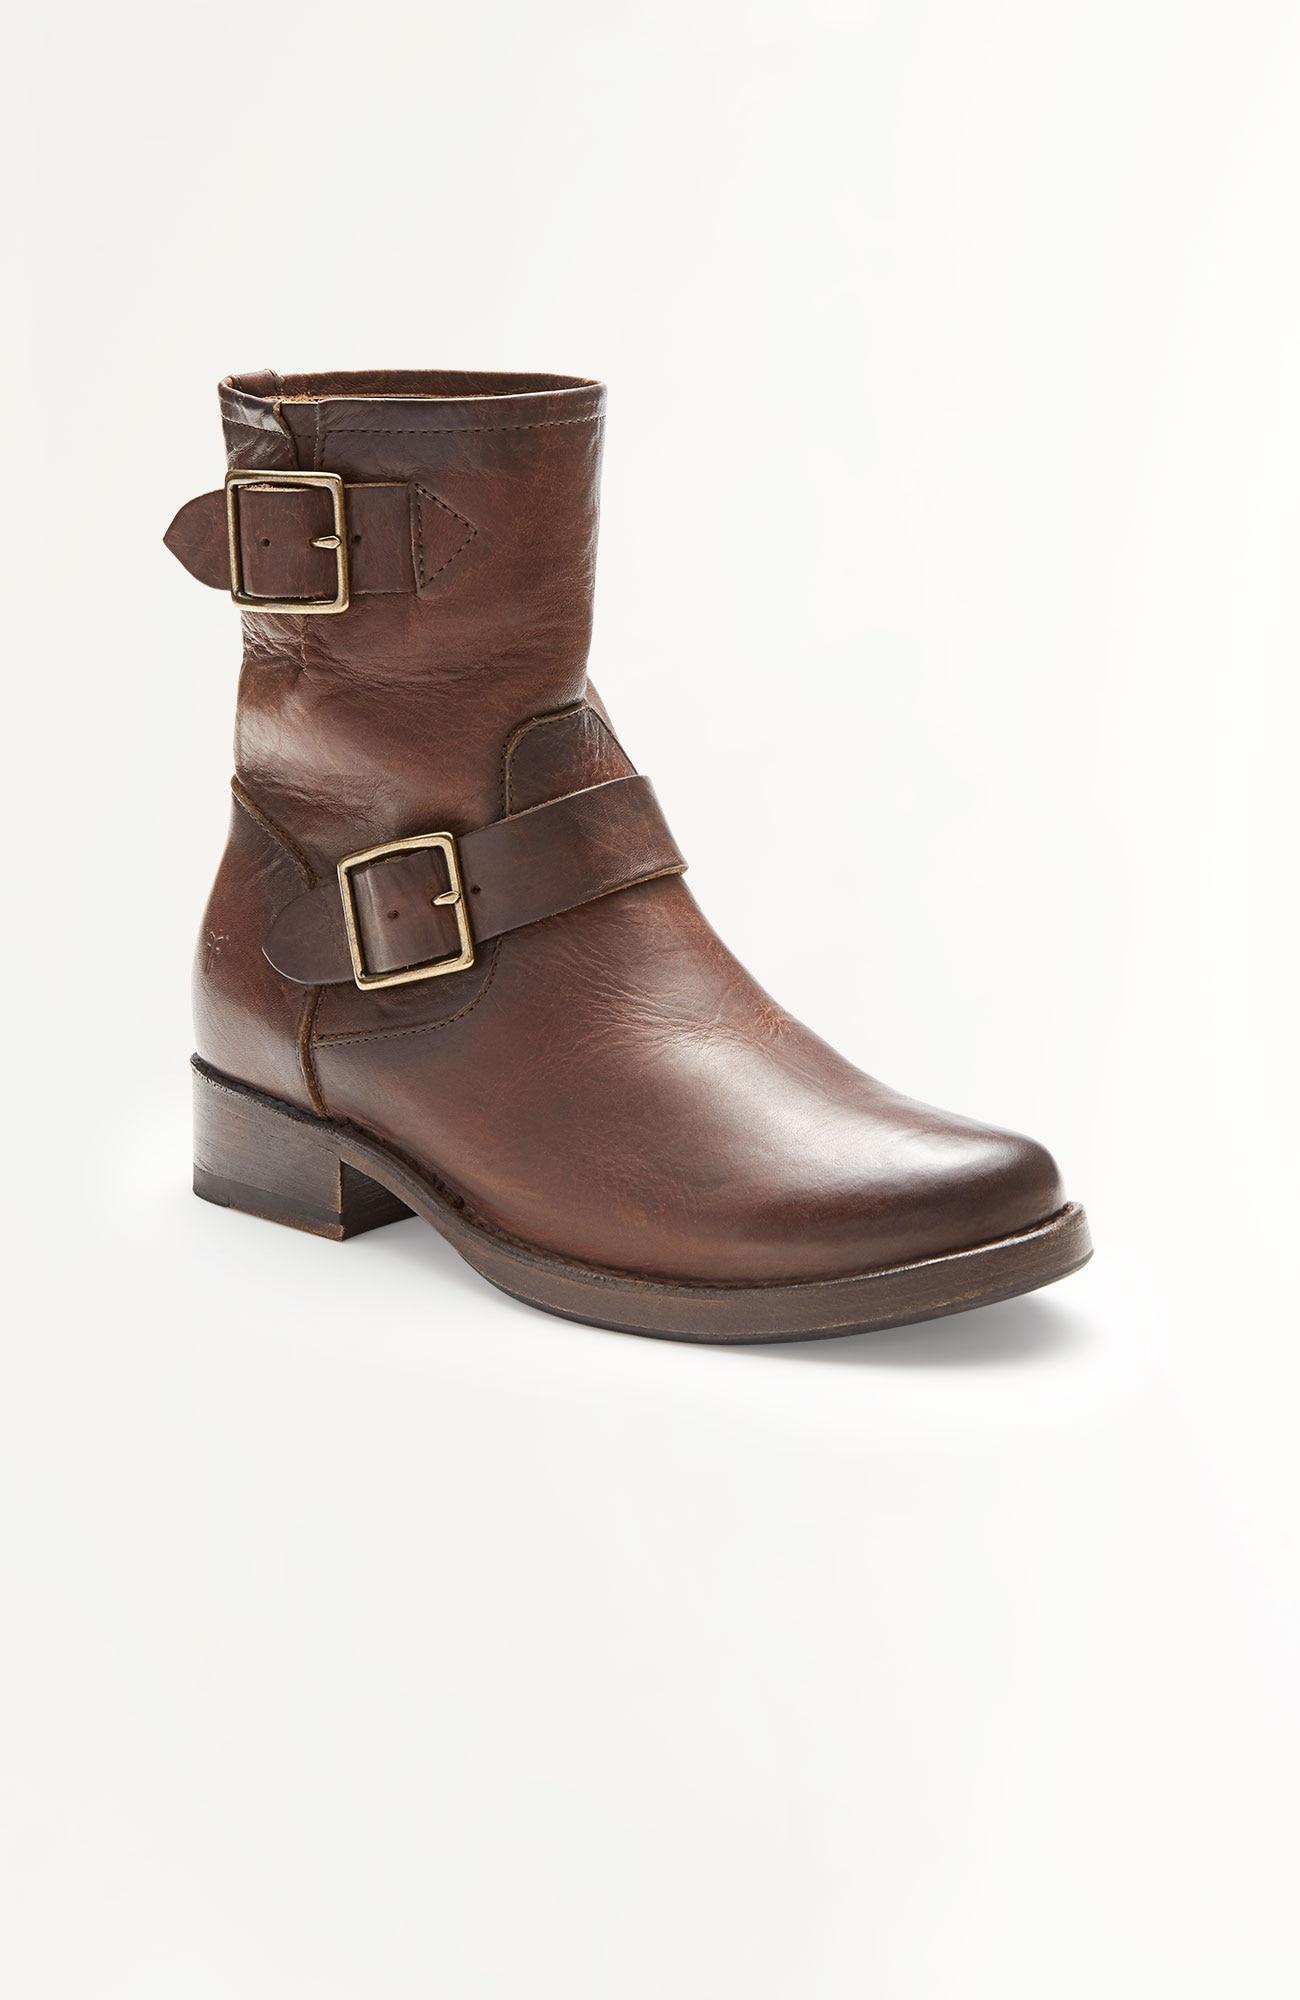 Frye Vicky short boots